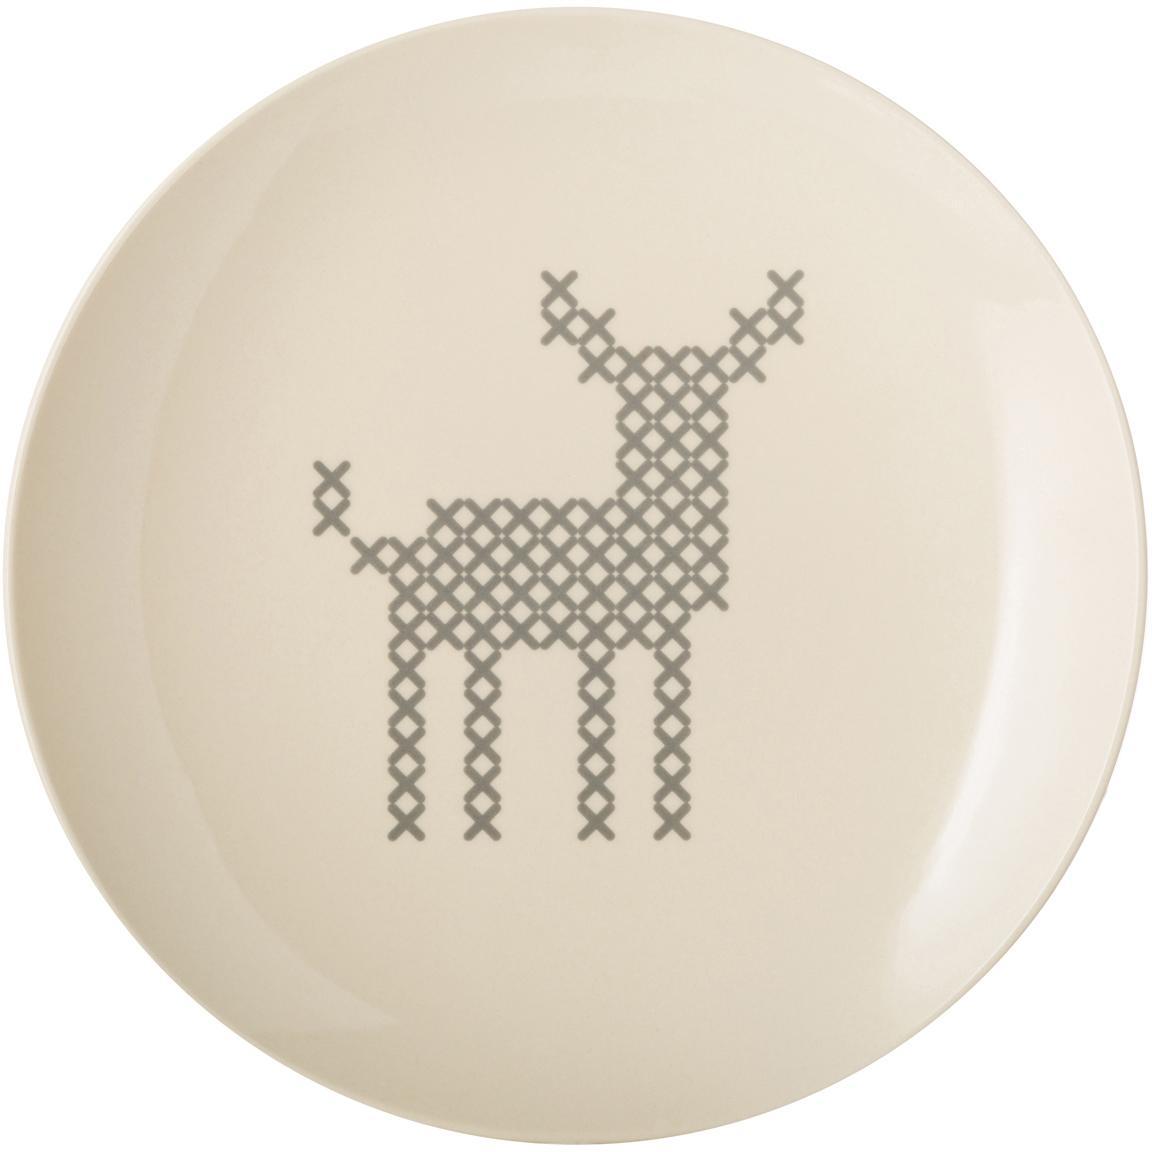 Talerz śniadaniowy Cross, Ceramika, Czerwony, Ø 20 cm